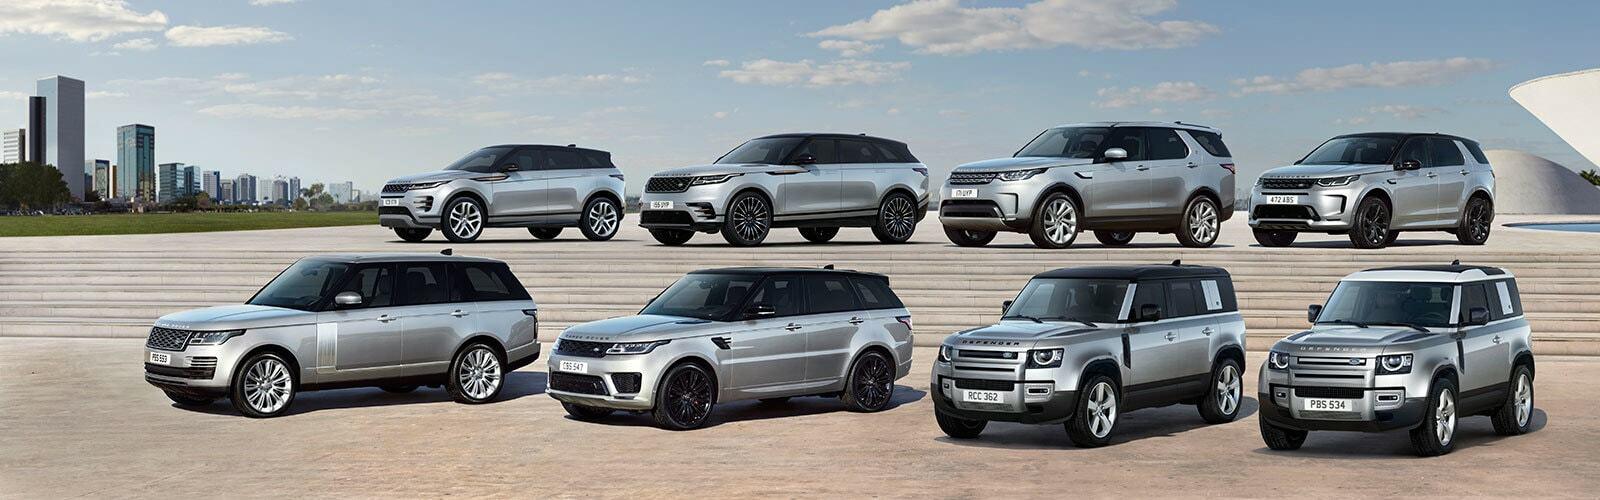 Promo Land Rover